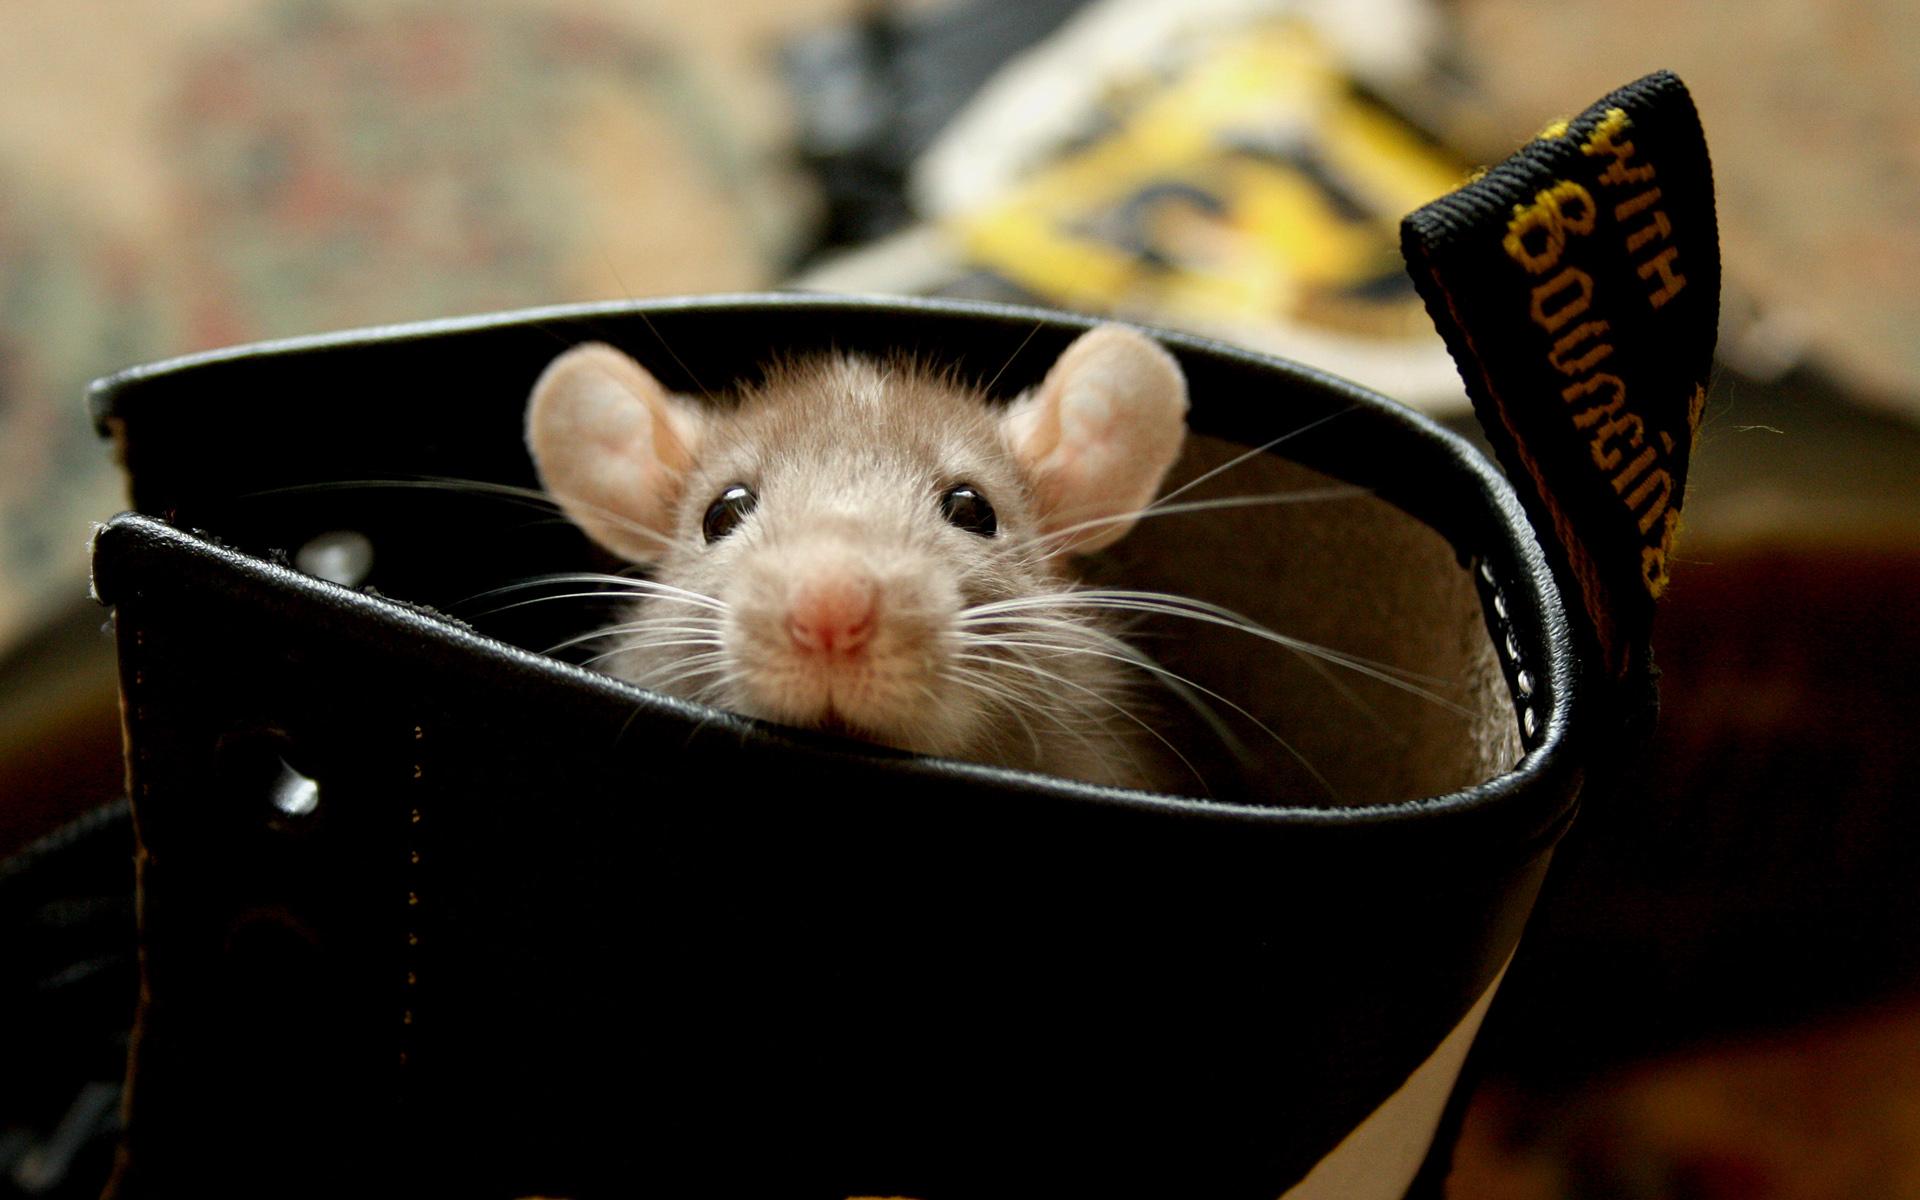 ним успели крысы фото на рабочий стол мифические времена